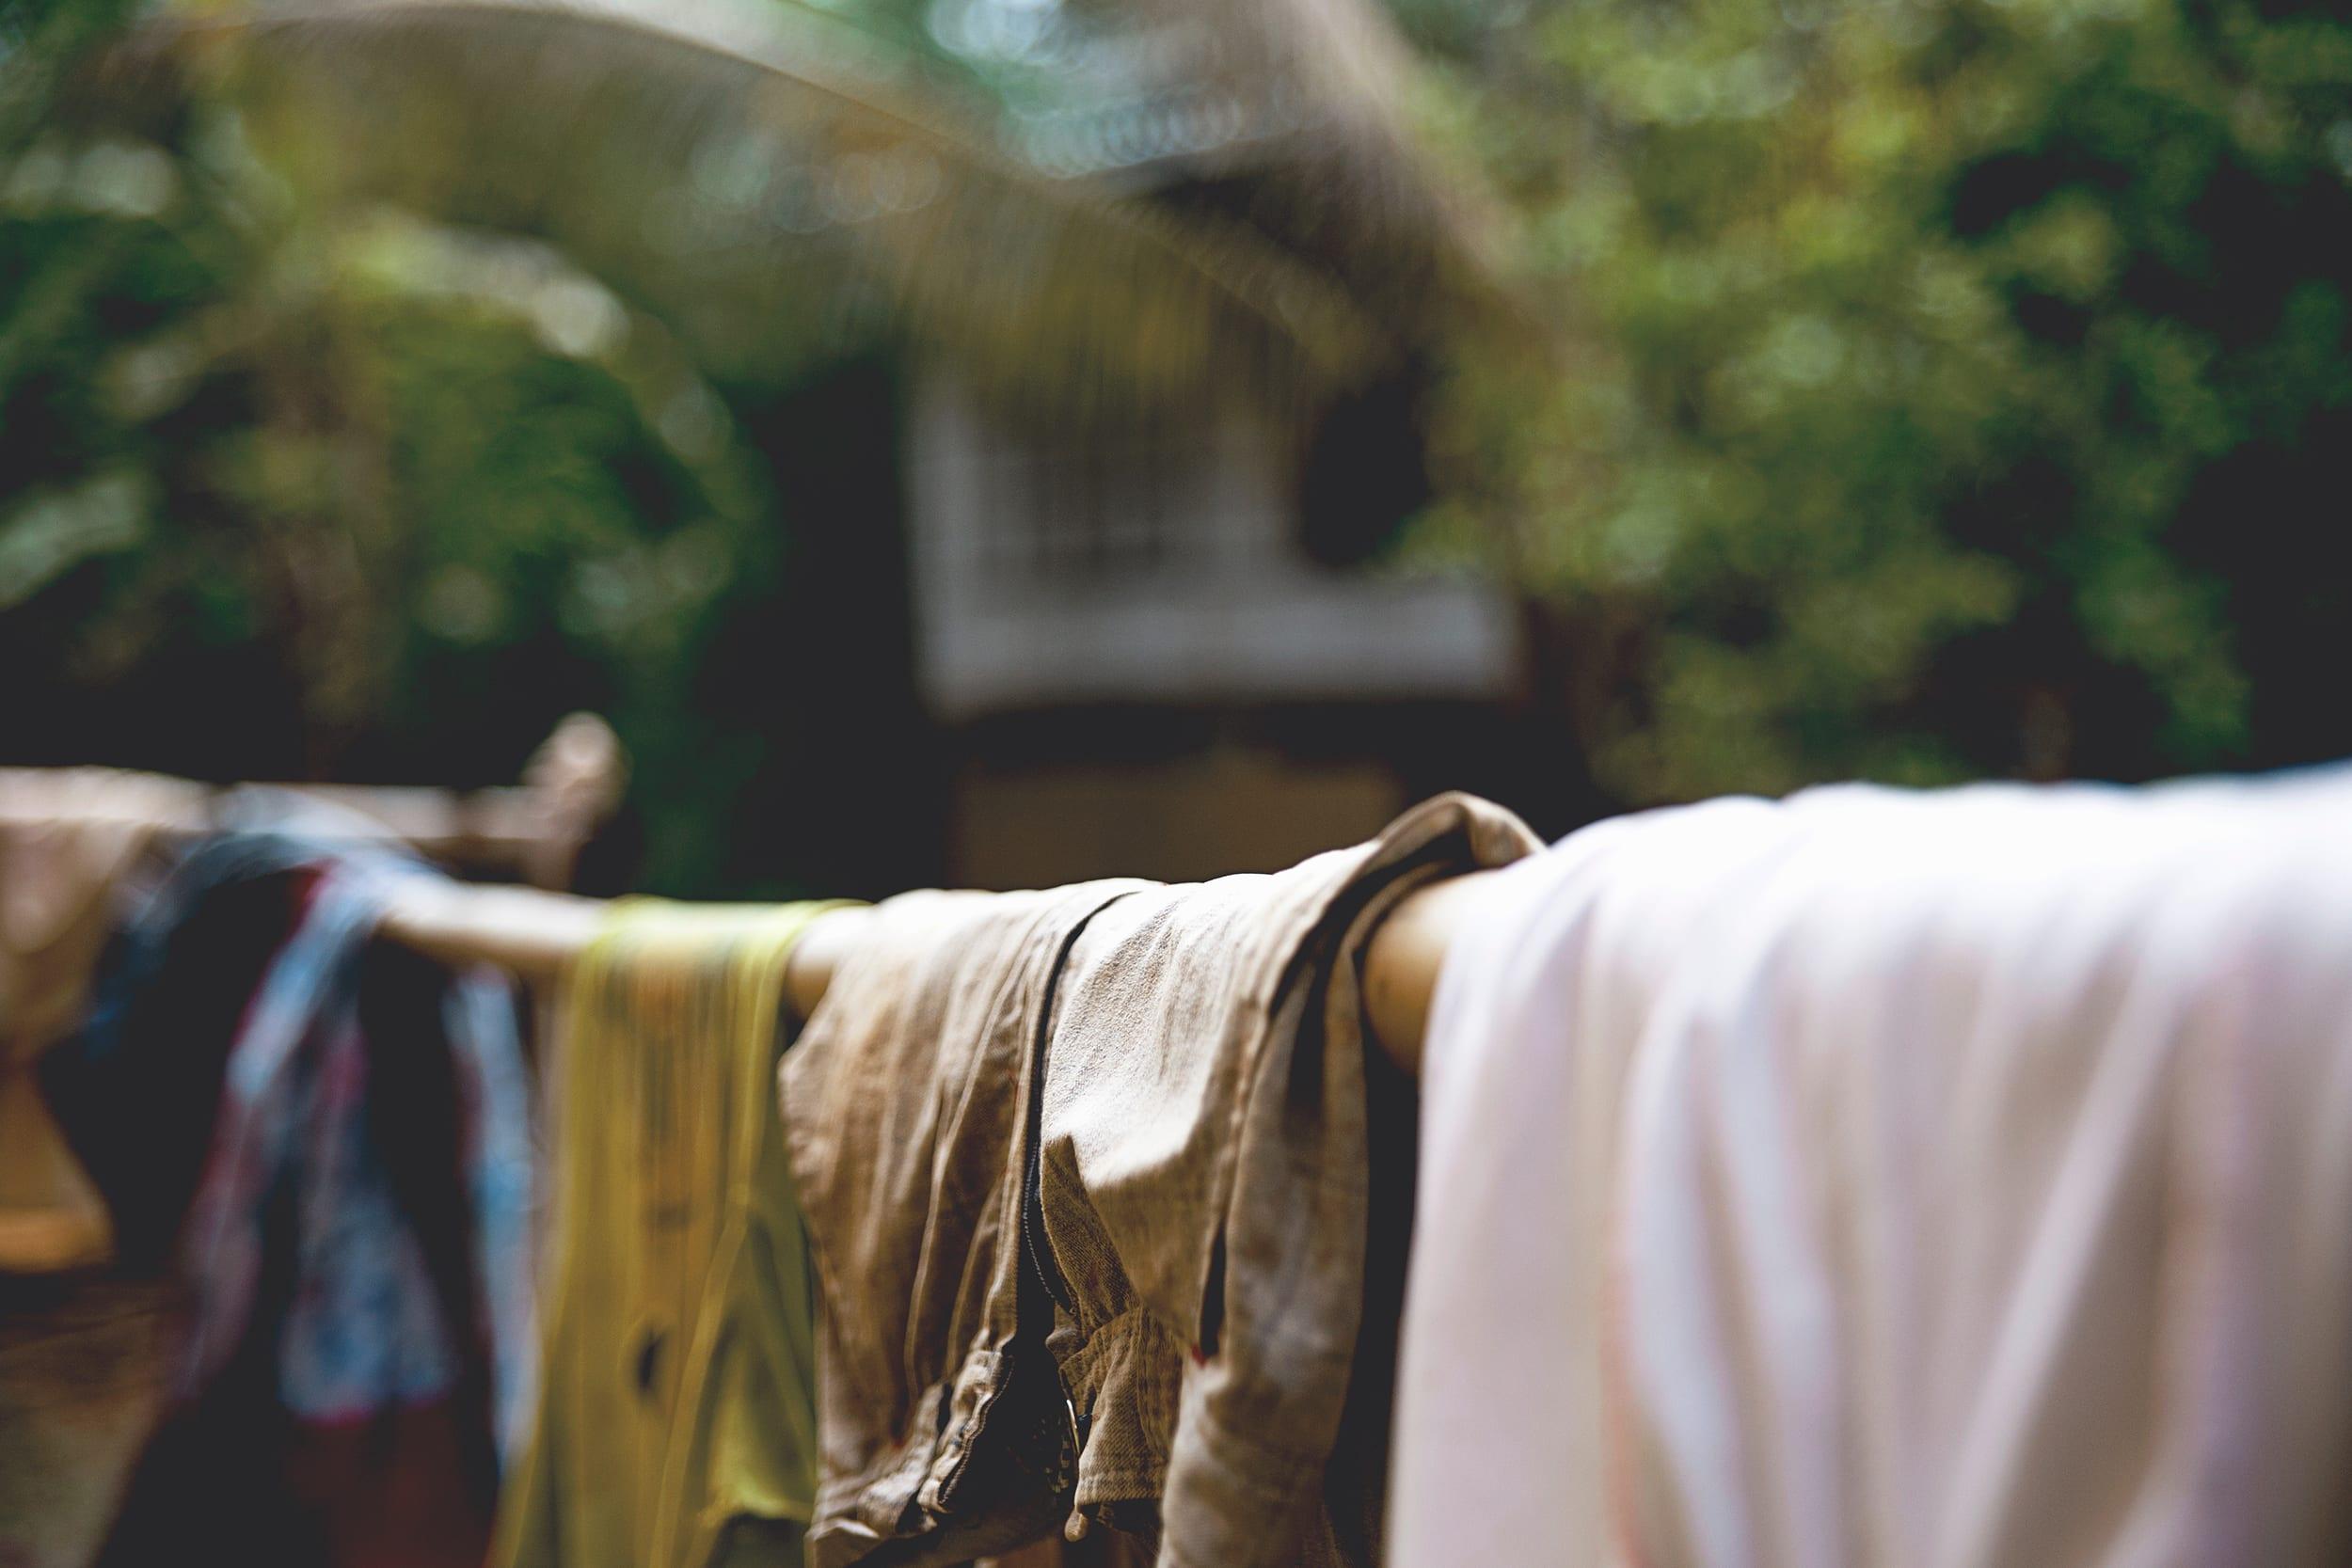 d7f4e68d4be7 The Best Travel Underwear for Men & Women - Tortuga Backpacks Blog